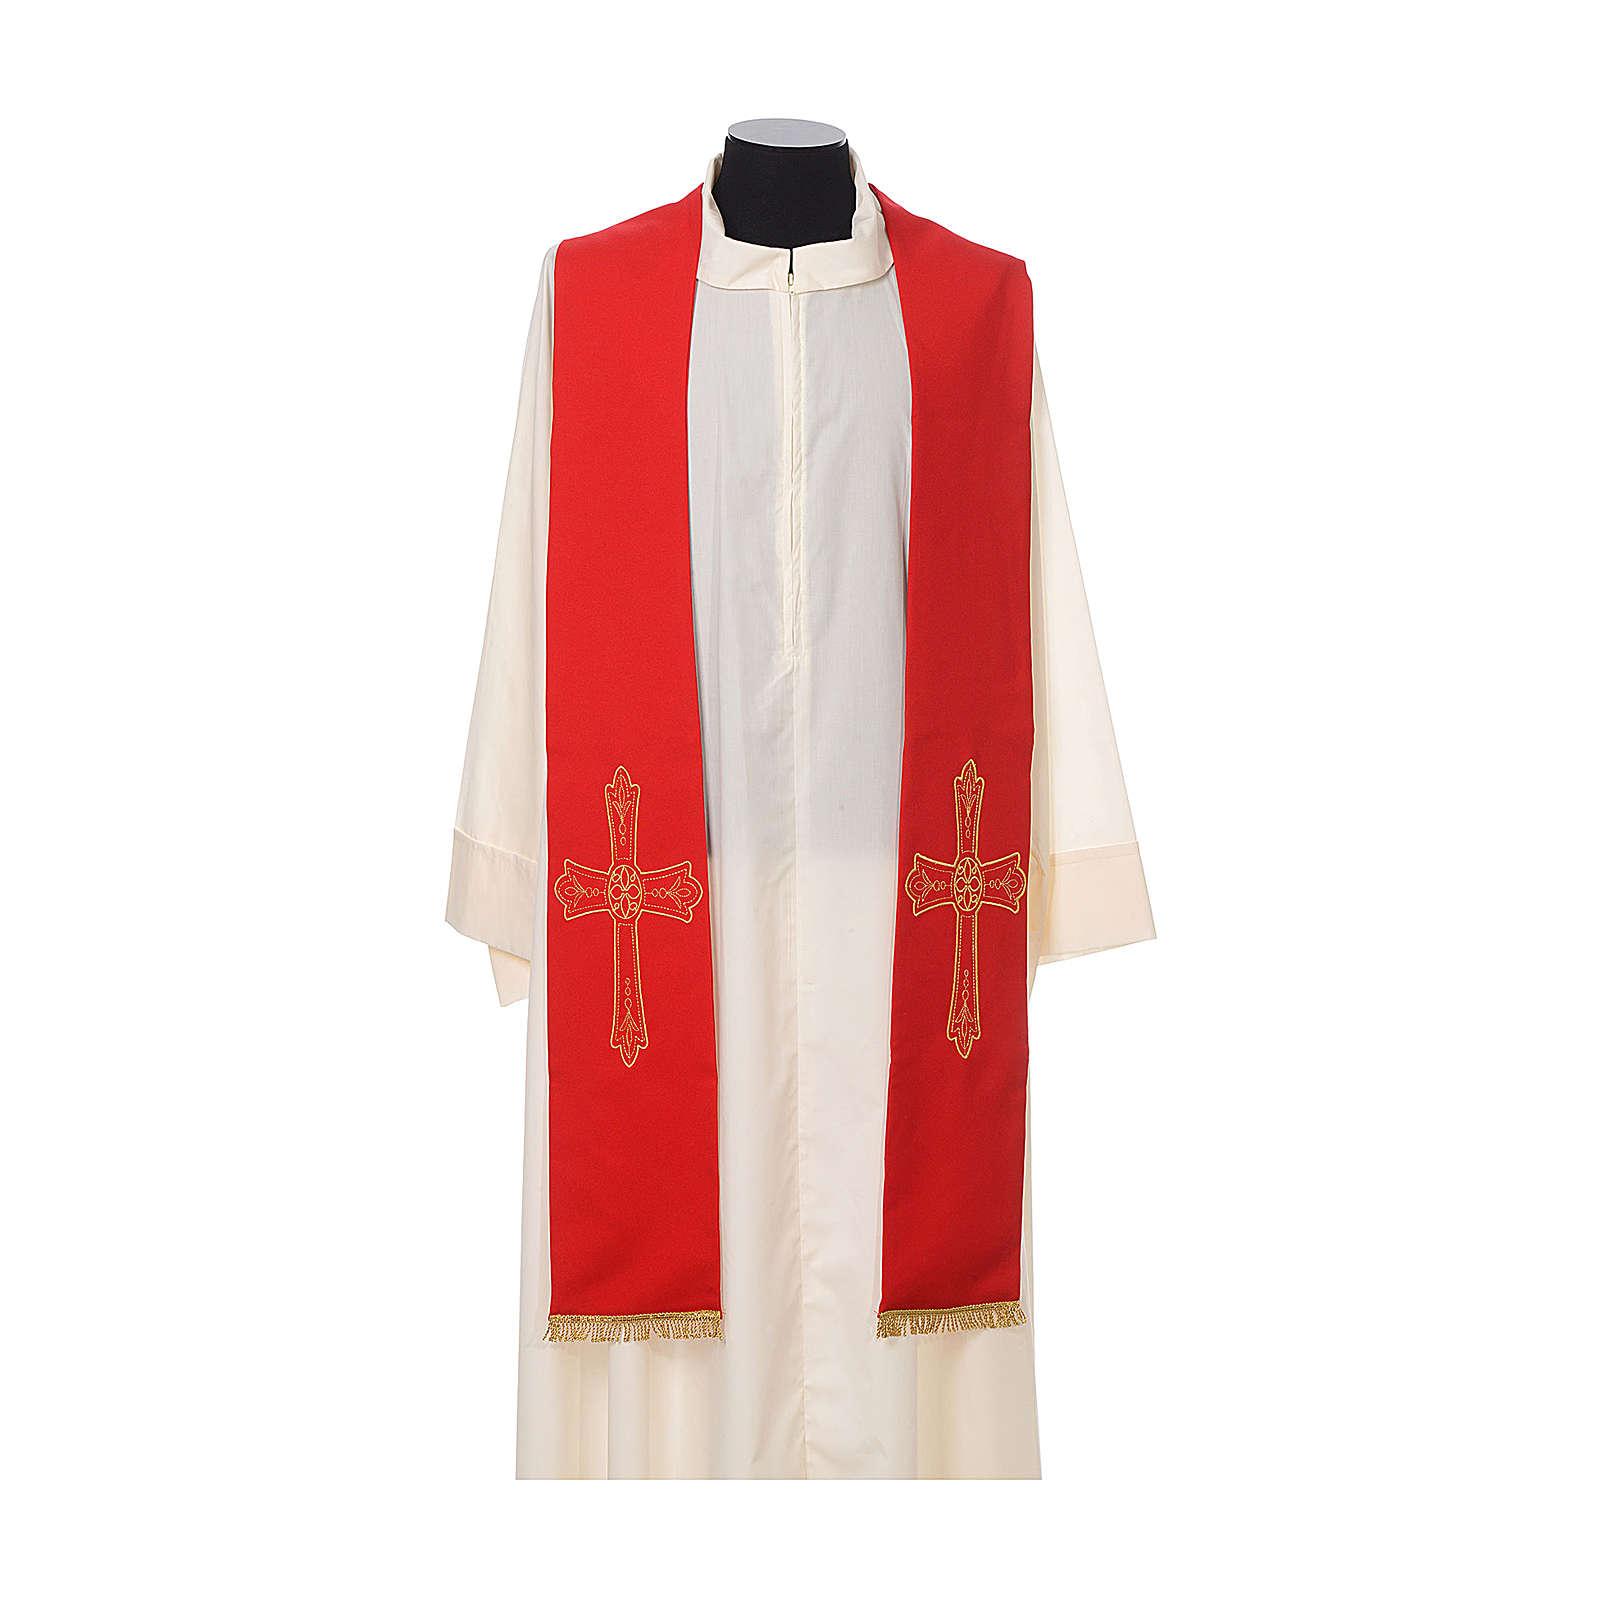 Stuła kapłańska haft złoty krzyż dwustronny 100% poliester 4